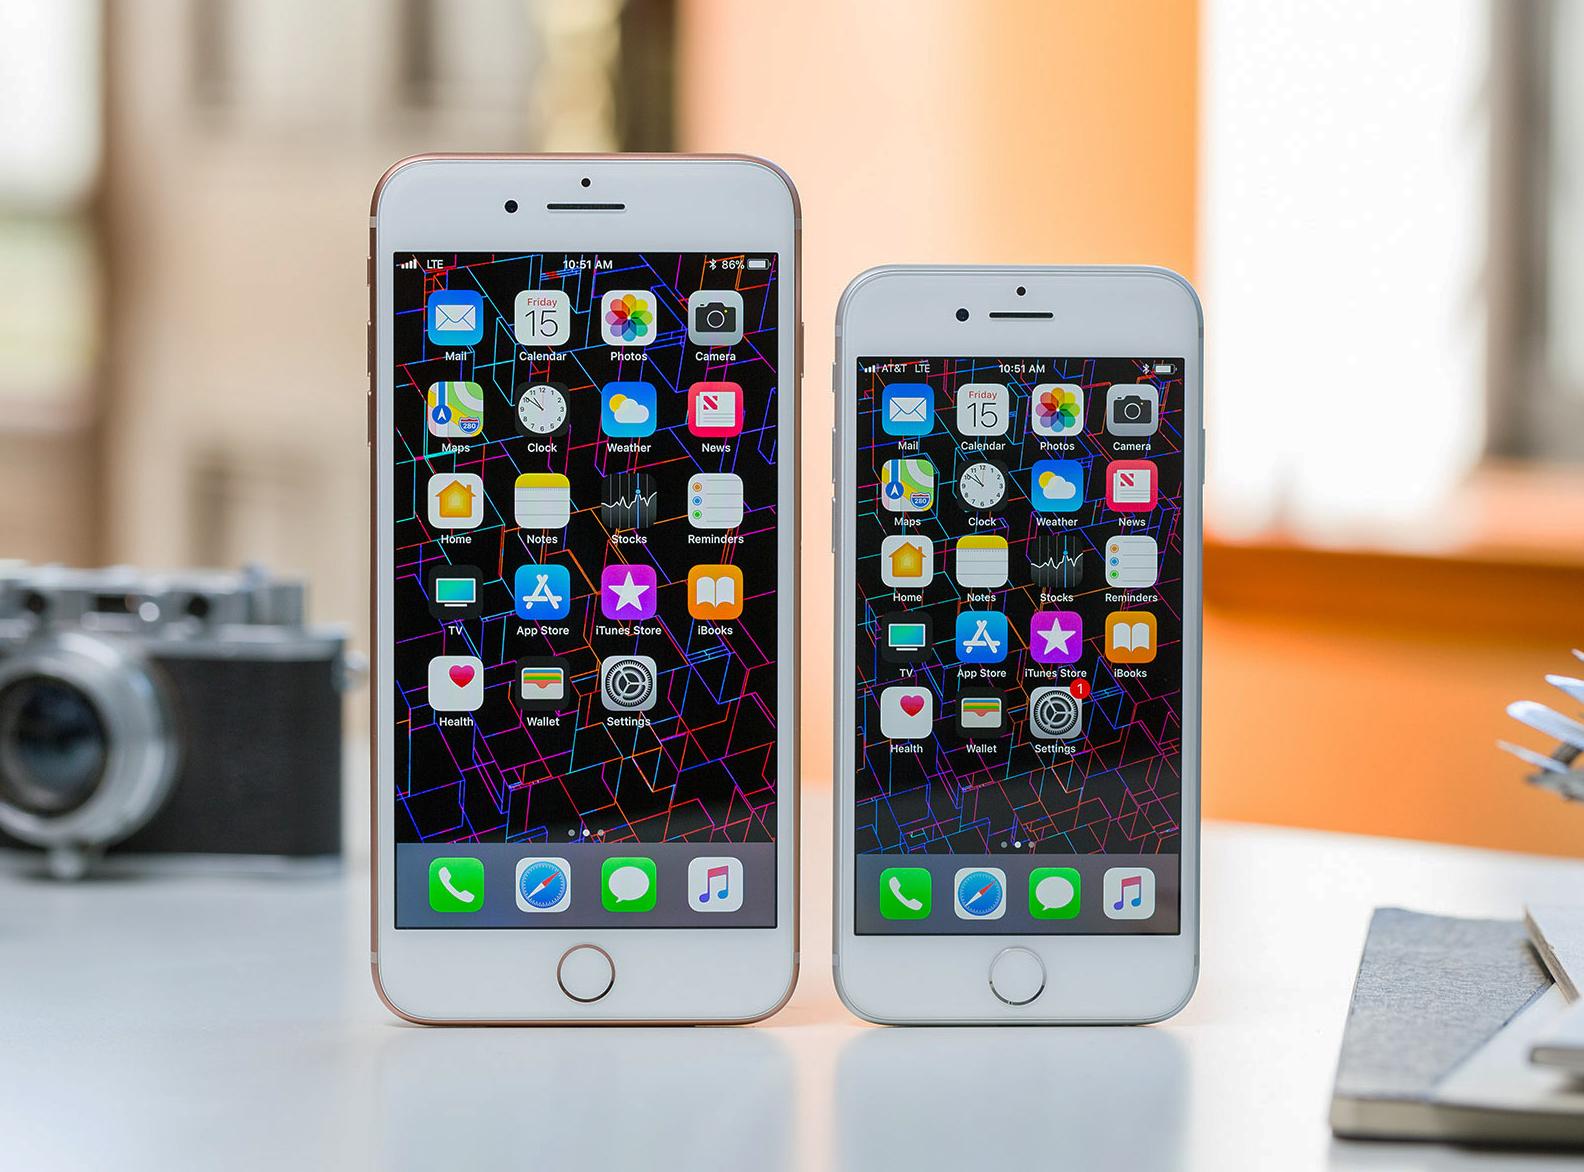 ՎիվաՍել-ՄՏՍ. iPhone 8 և iPhone 8 Plus սմարթֆոնների վաճառքի մեկնարկն արդեն տրված է